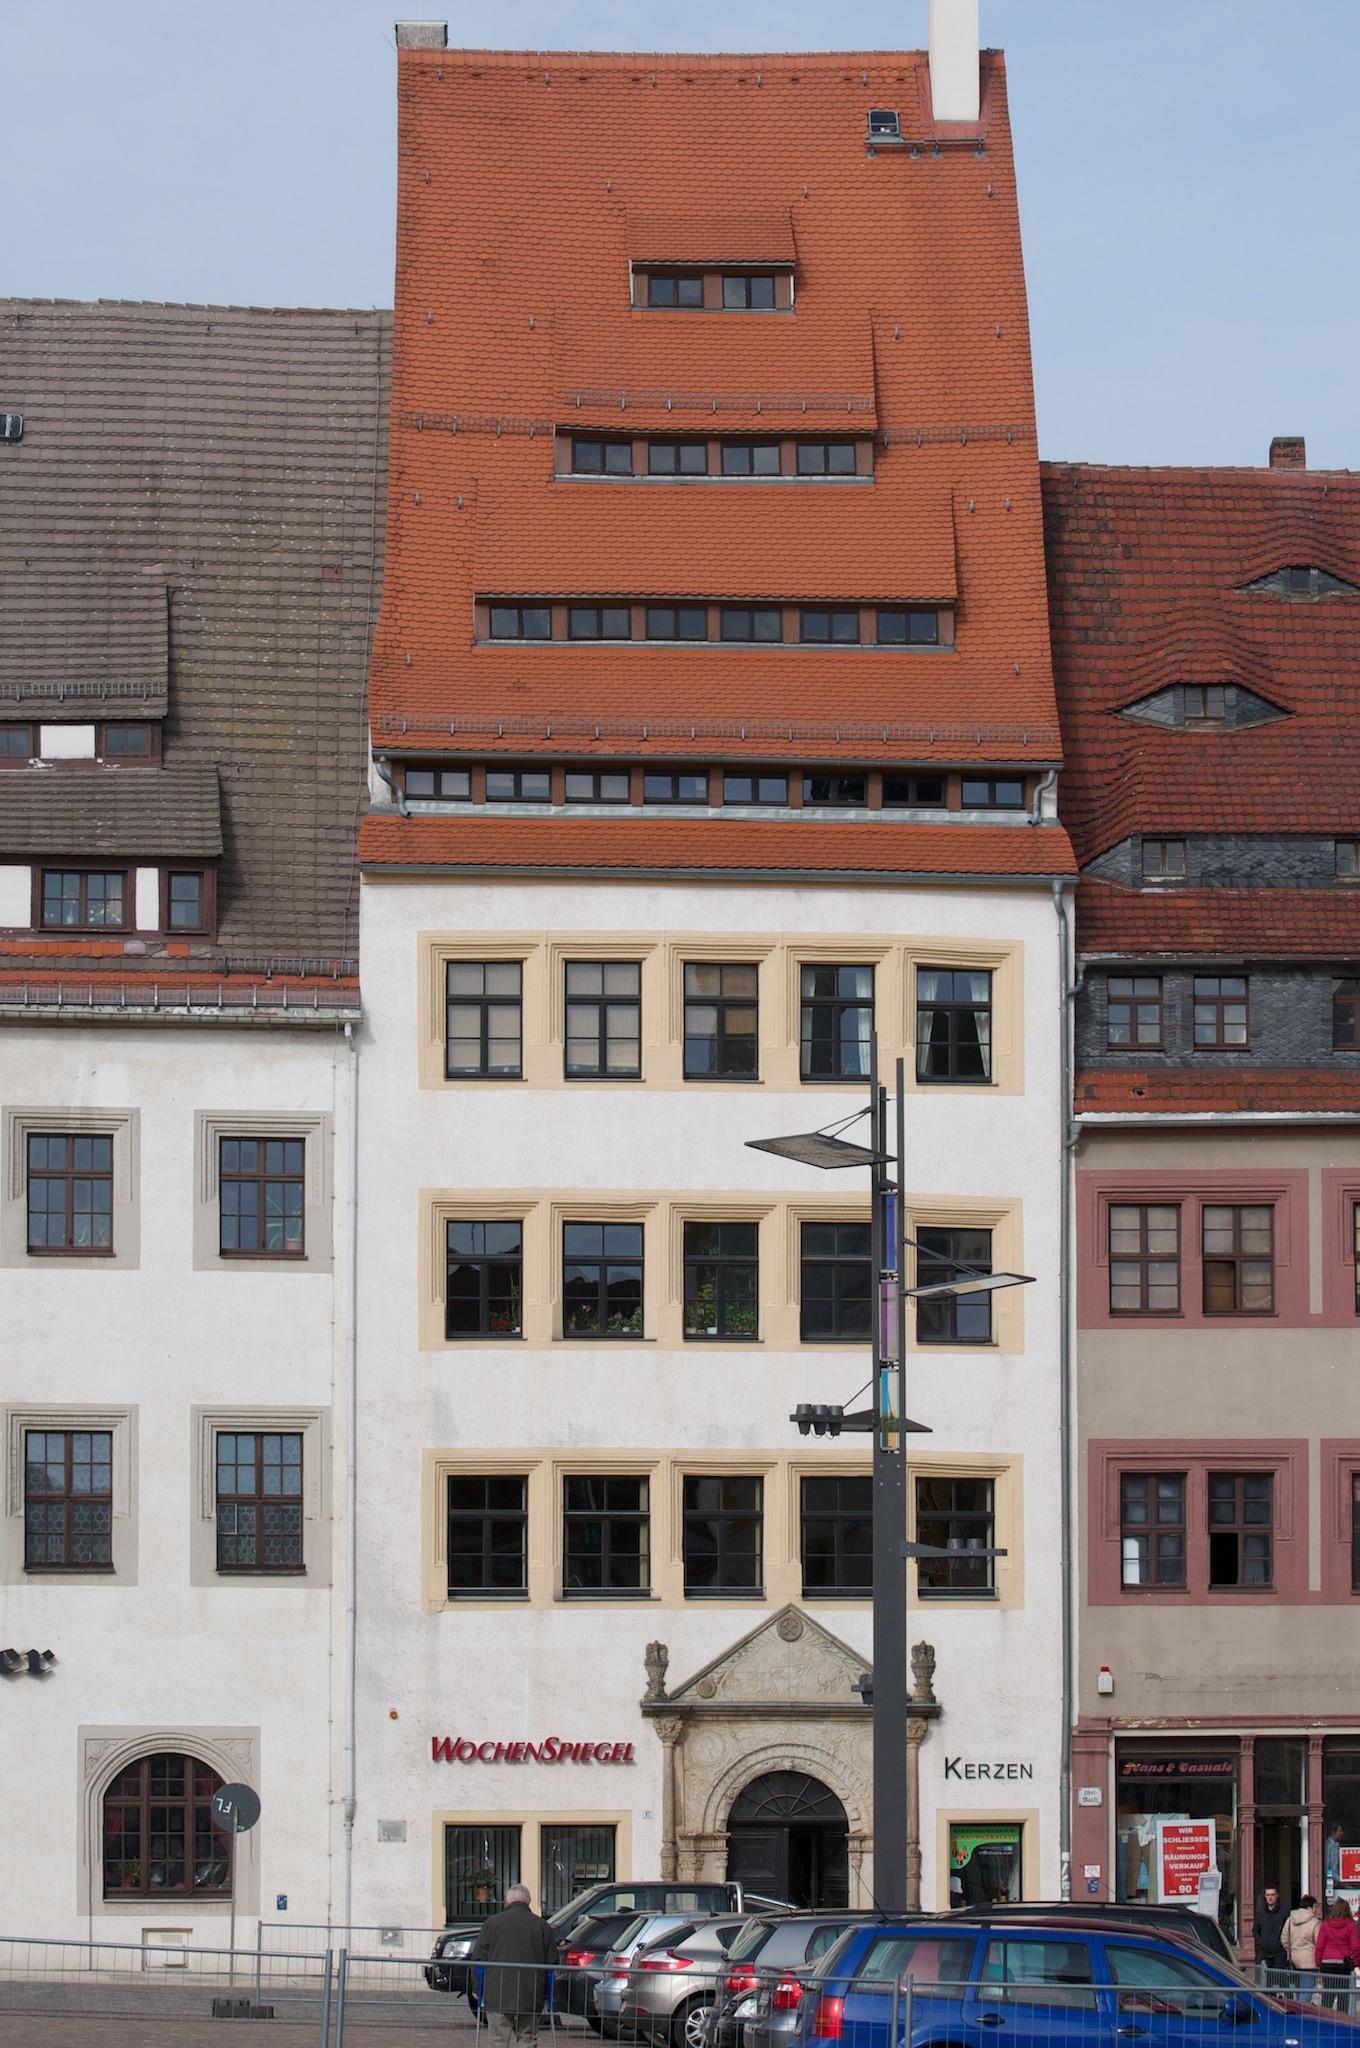 Freiberg jupp0r 4 0 for Haus mit satteldach